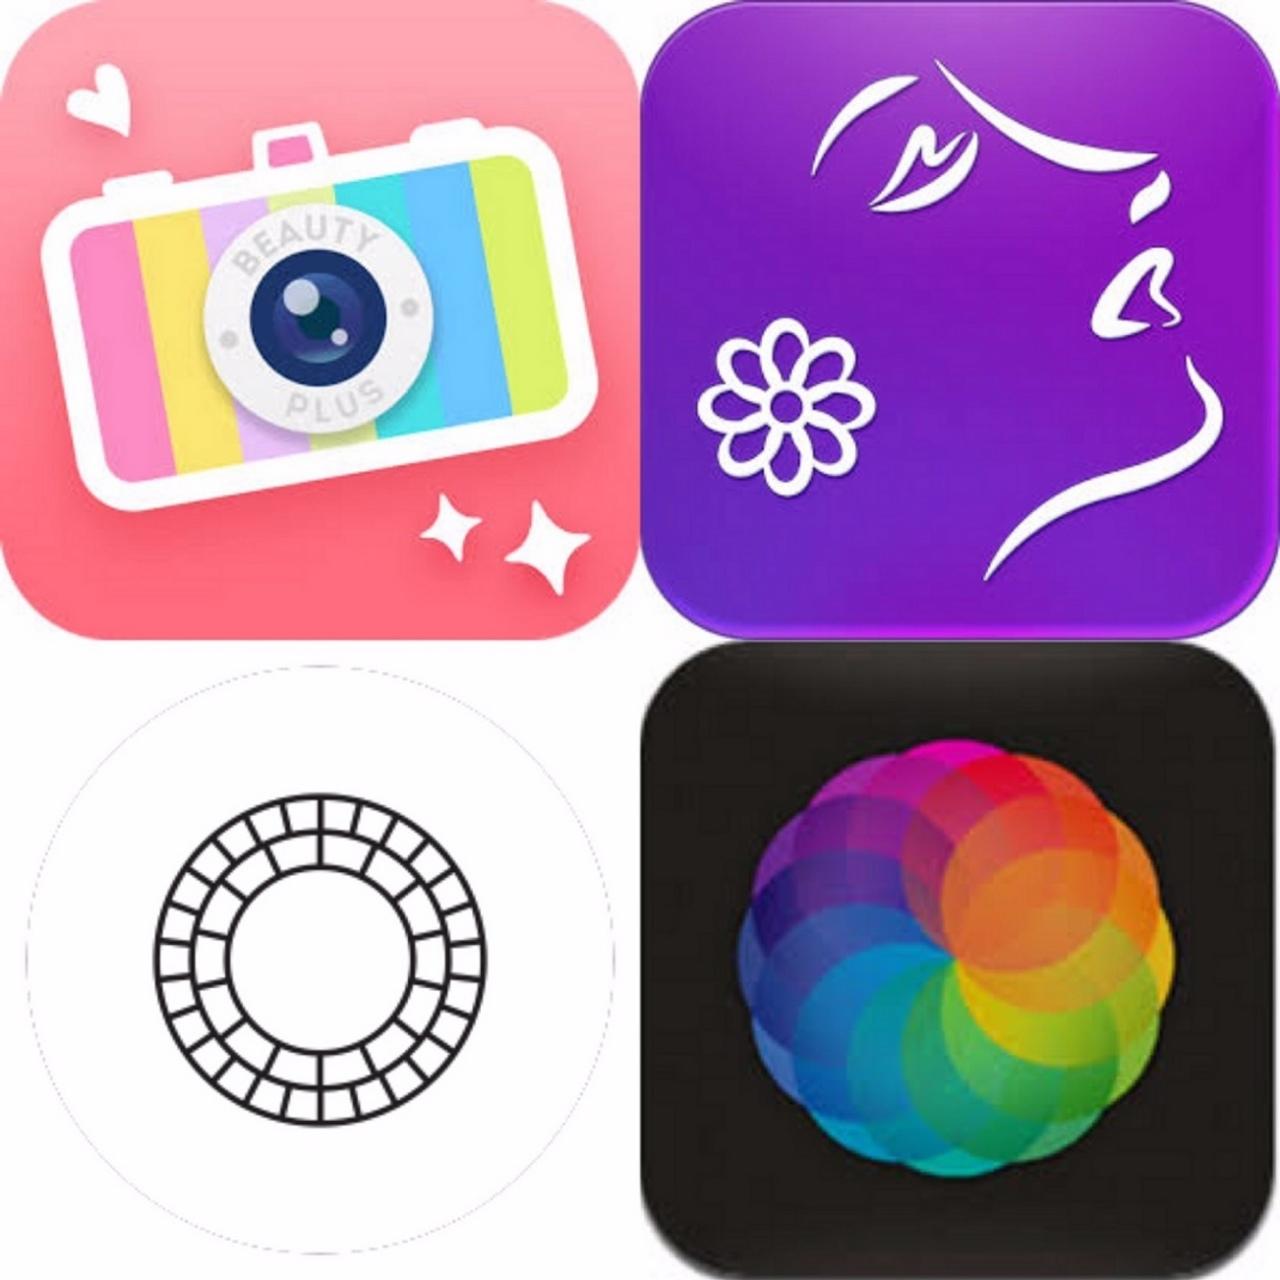 5 Aplikasi Populer untuk Mengubah Foto